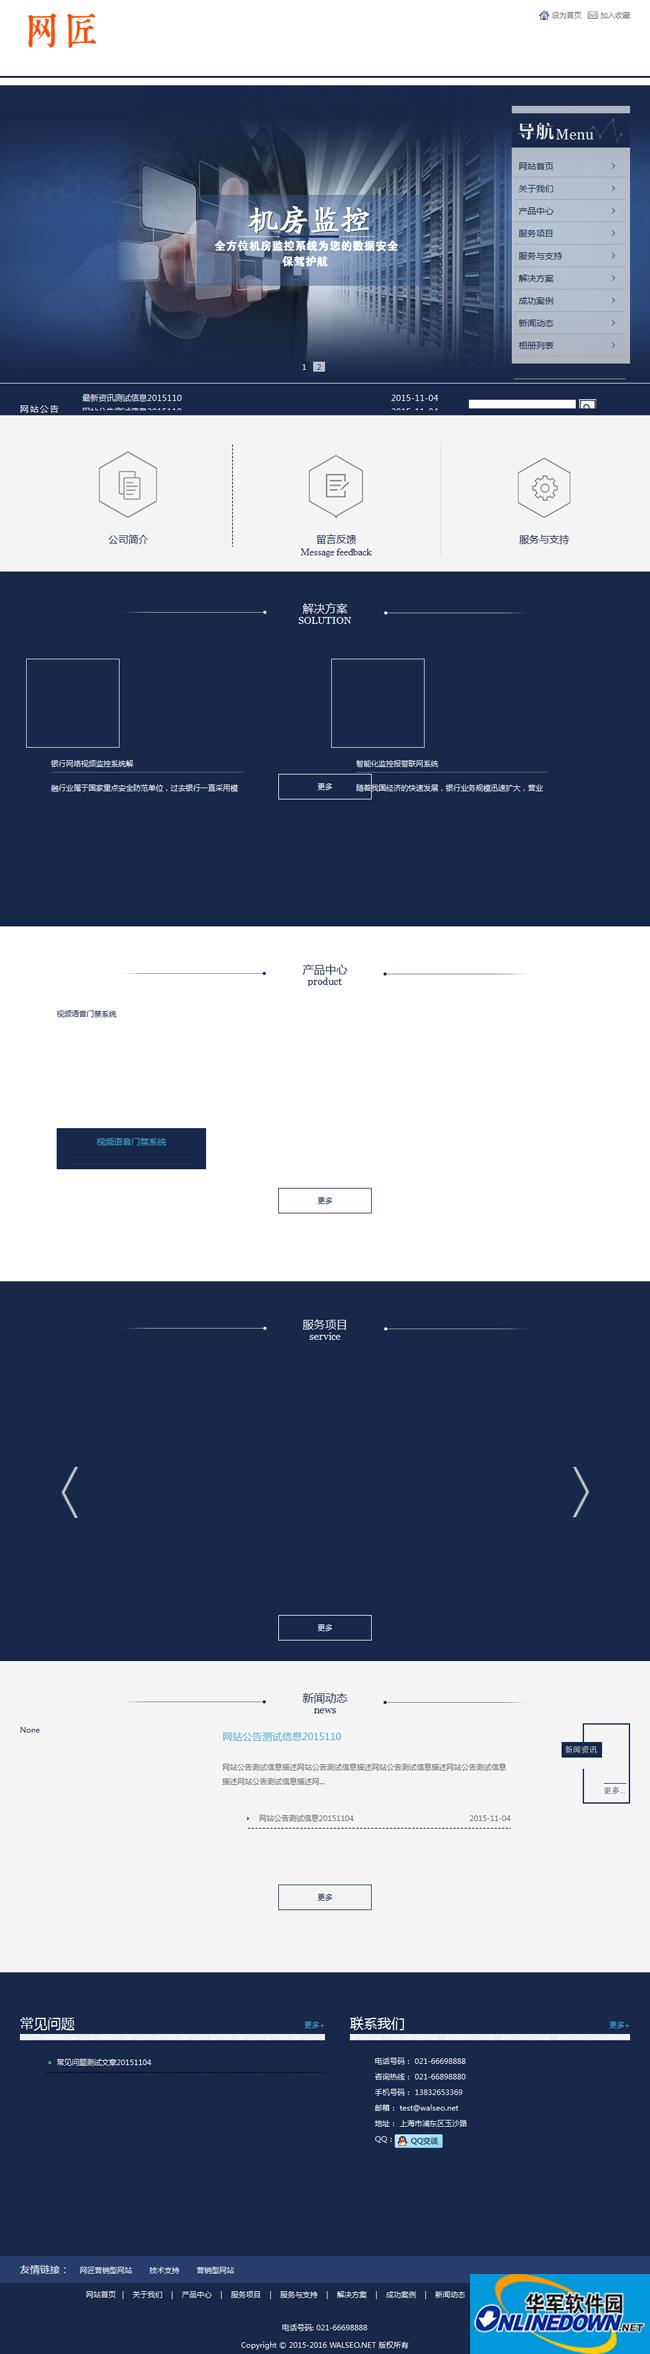 m-146电子监控机械电子行业公司网站织梦模板